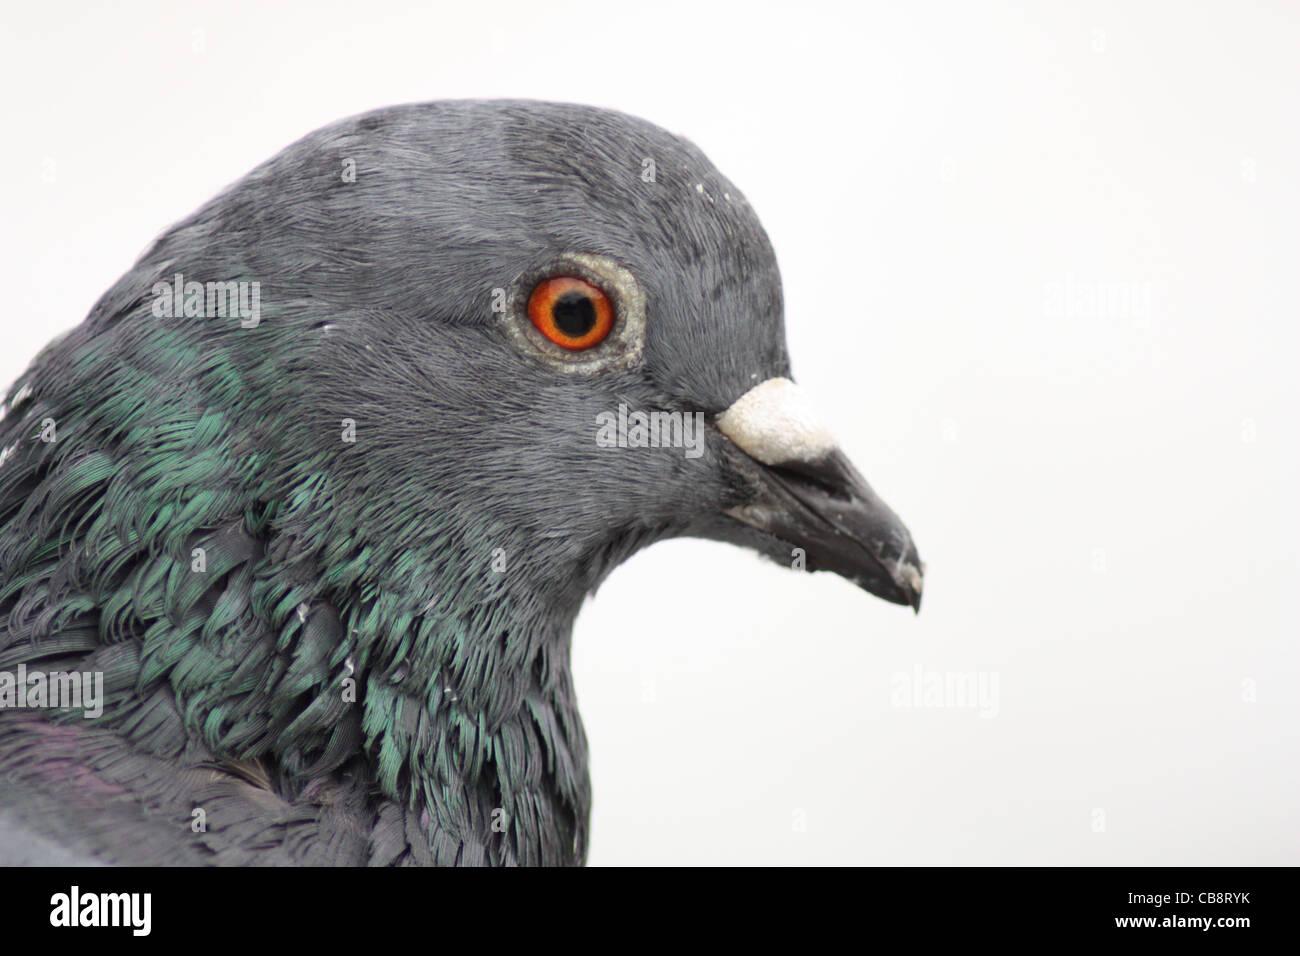 In prossimità di una testa di piccione Immagini Stock